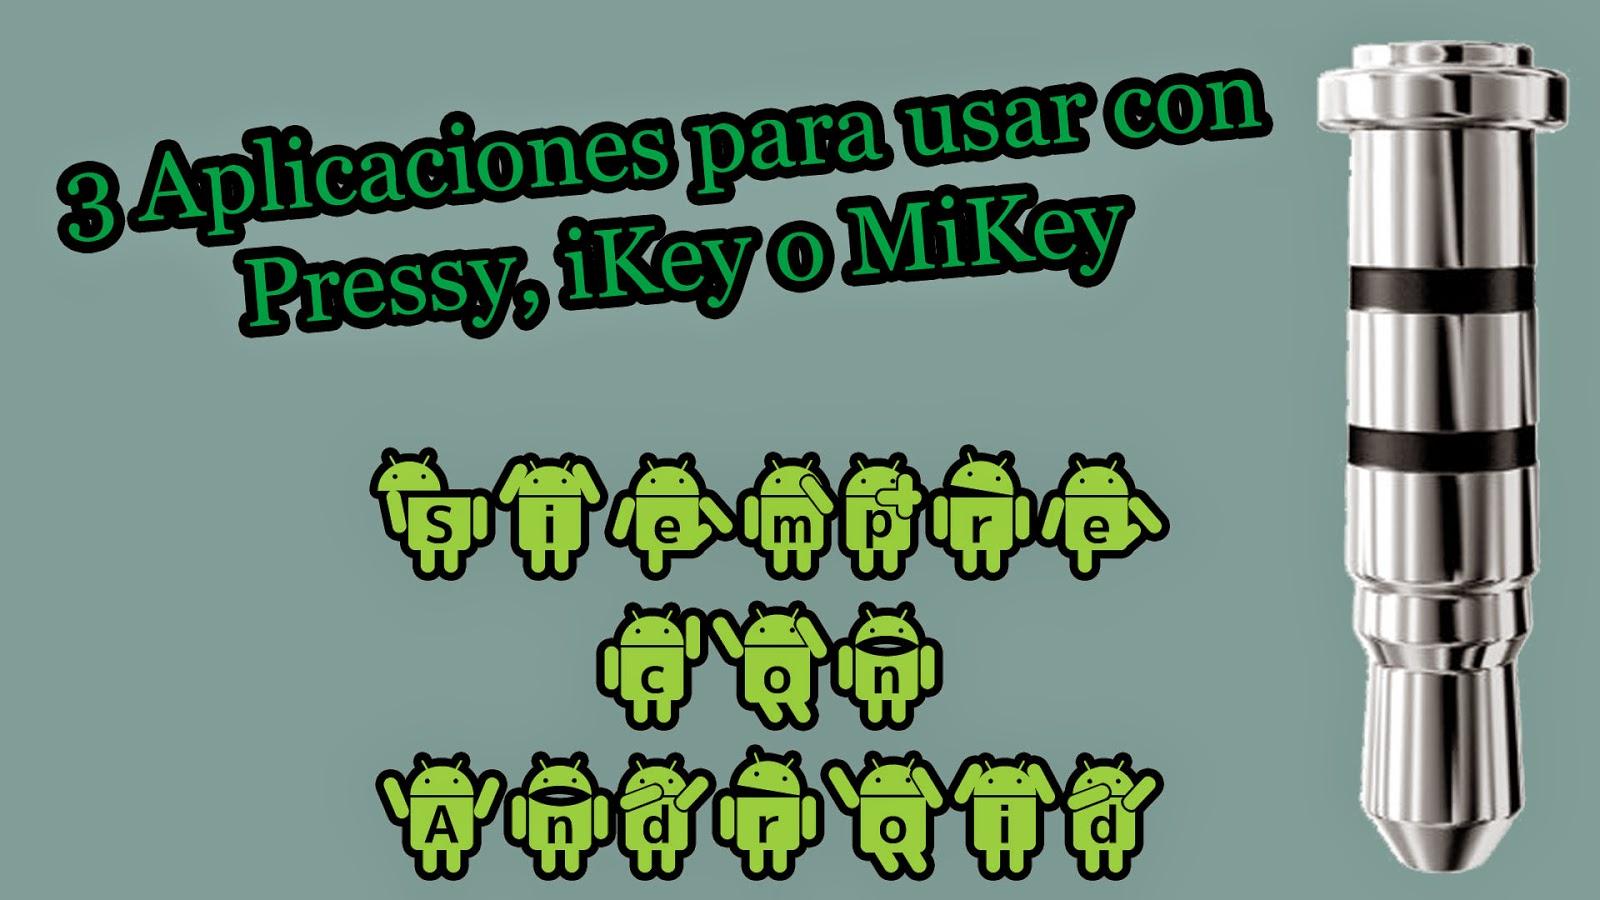 Si te compras un Pressy, iKey o MiKey debes probar estas aplicaciones.